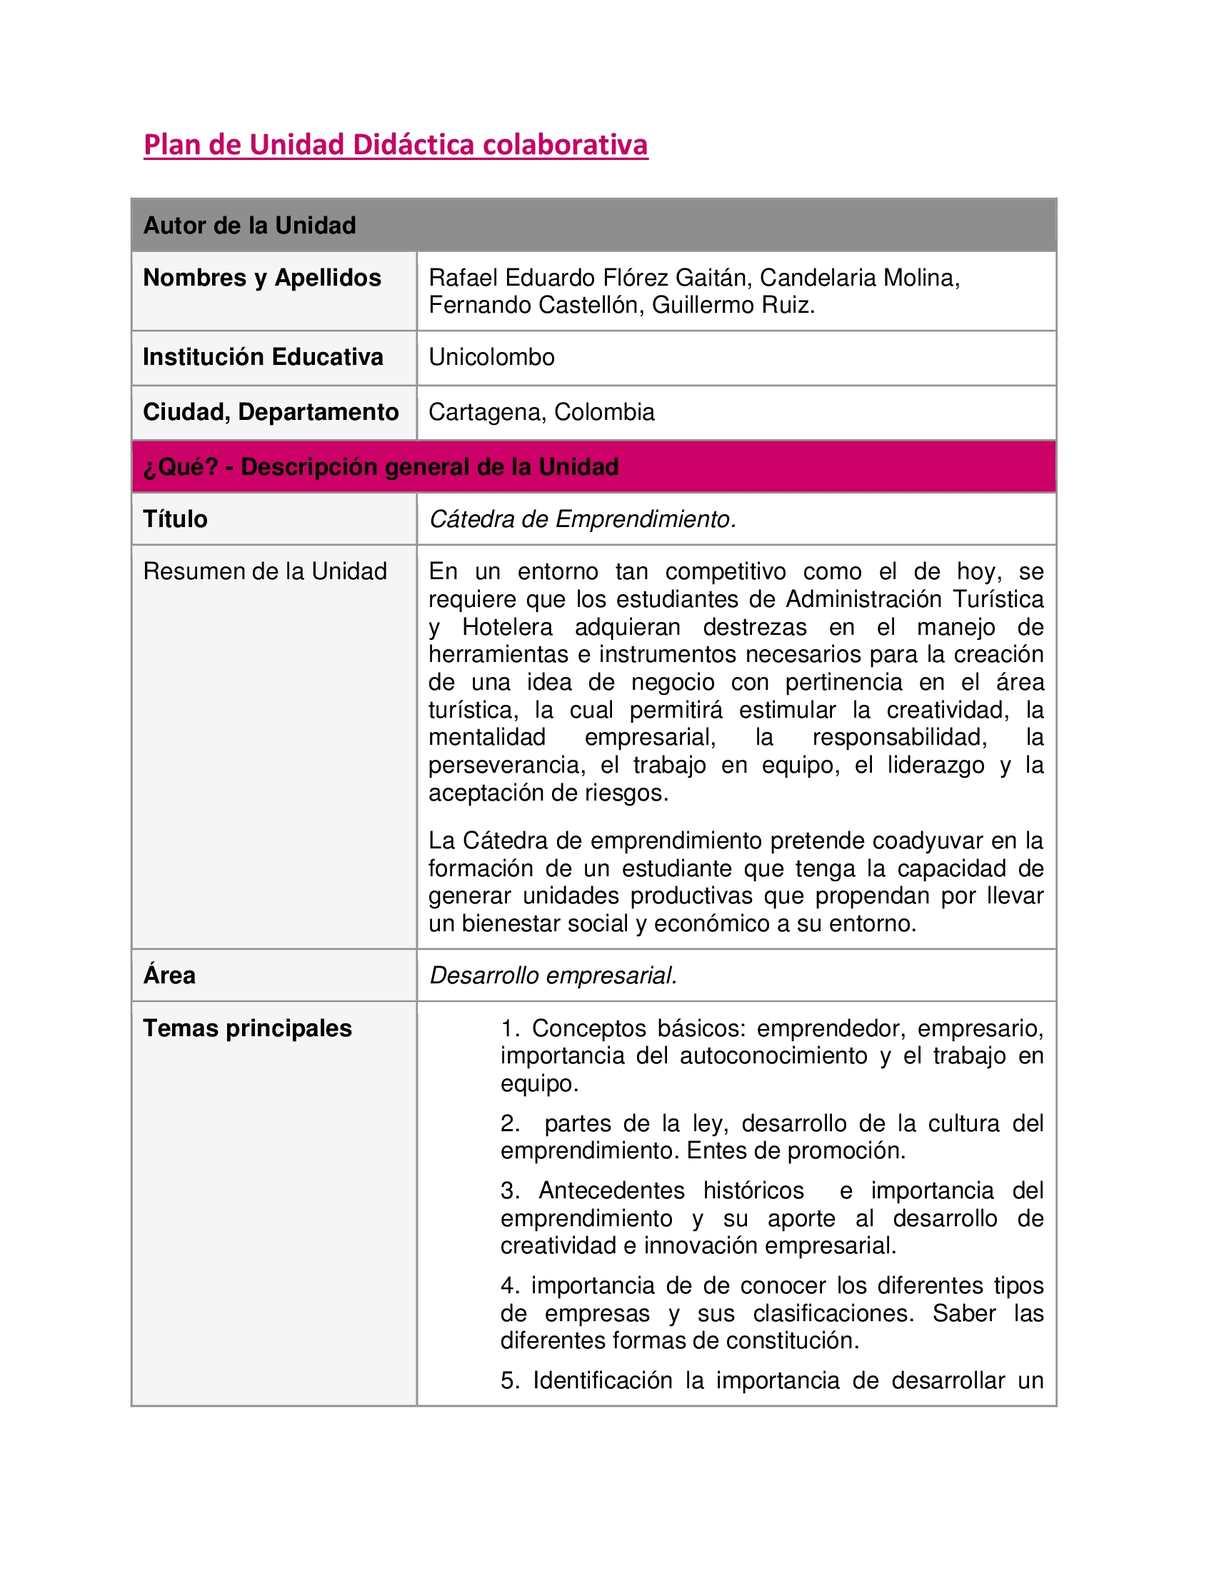 Calaméo - Plantilla Unidad Didactica De Emprendimiento Colaborativa